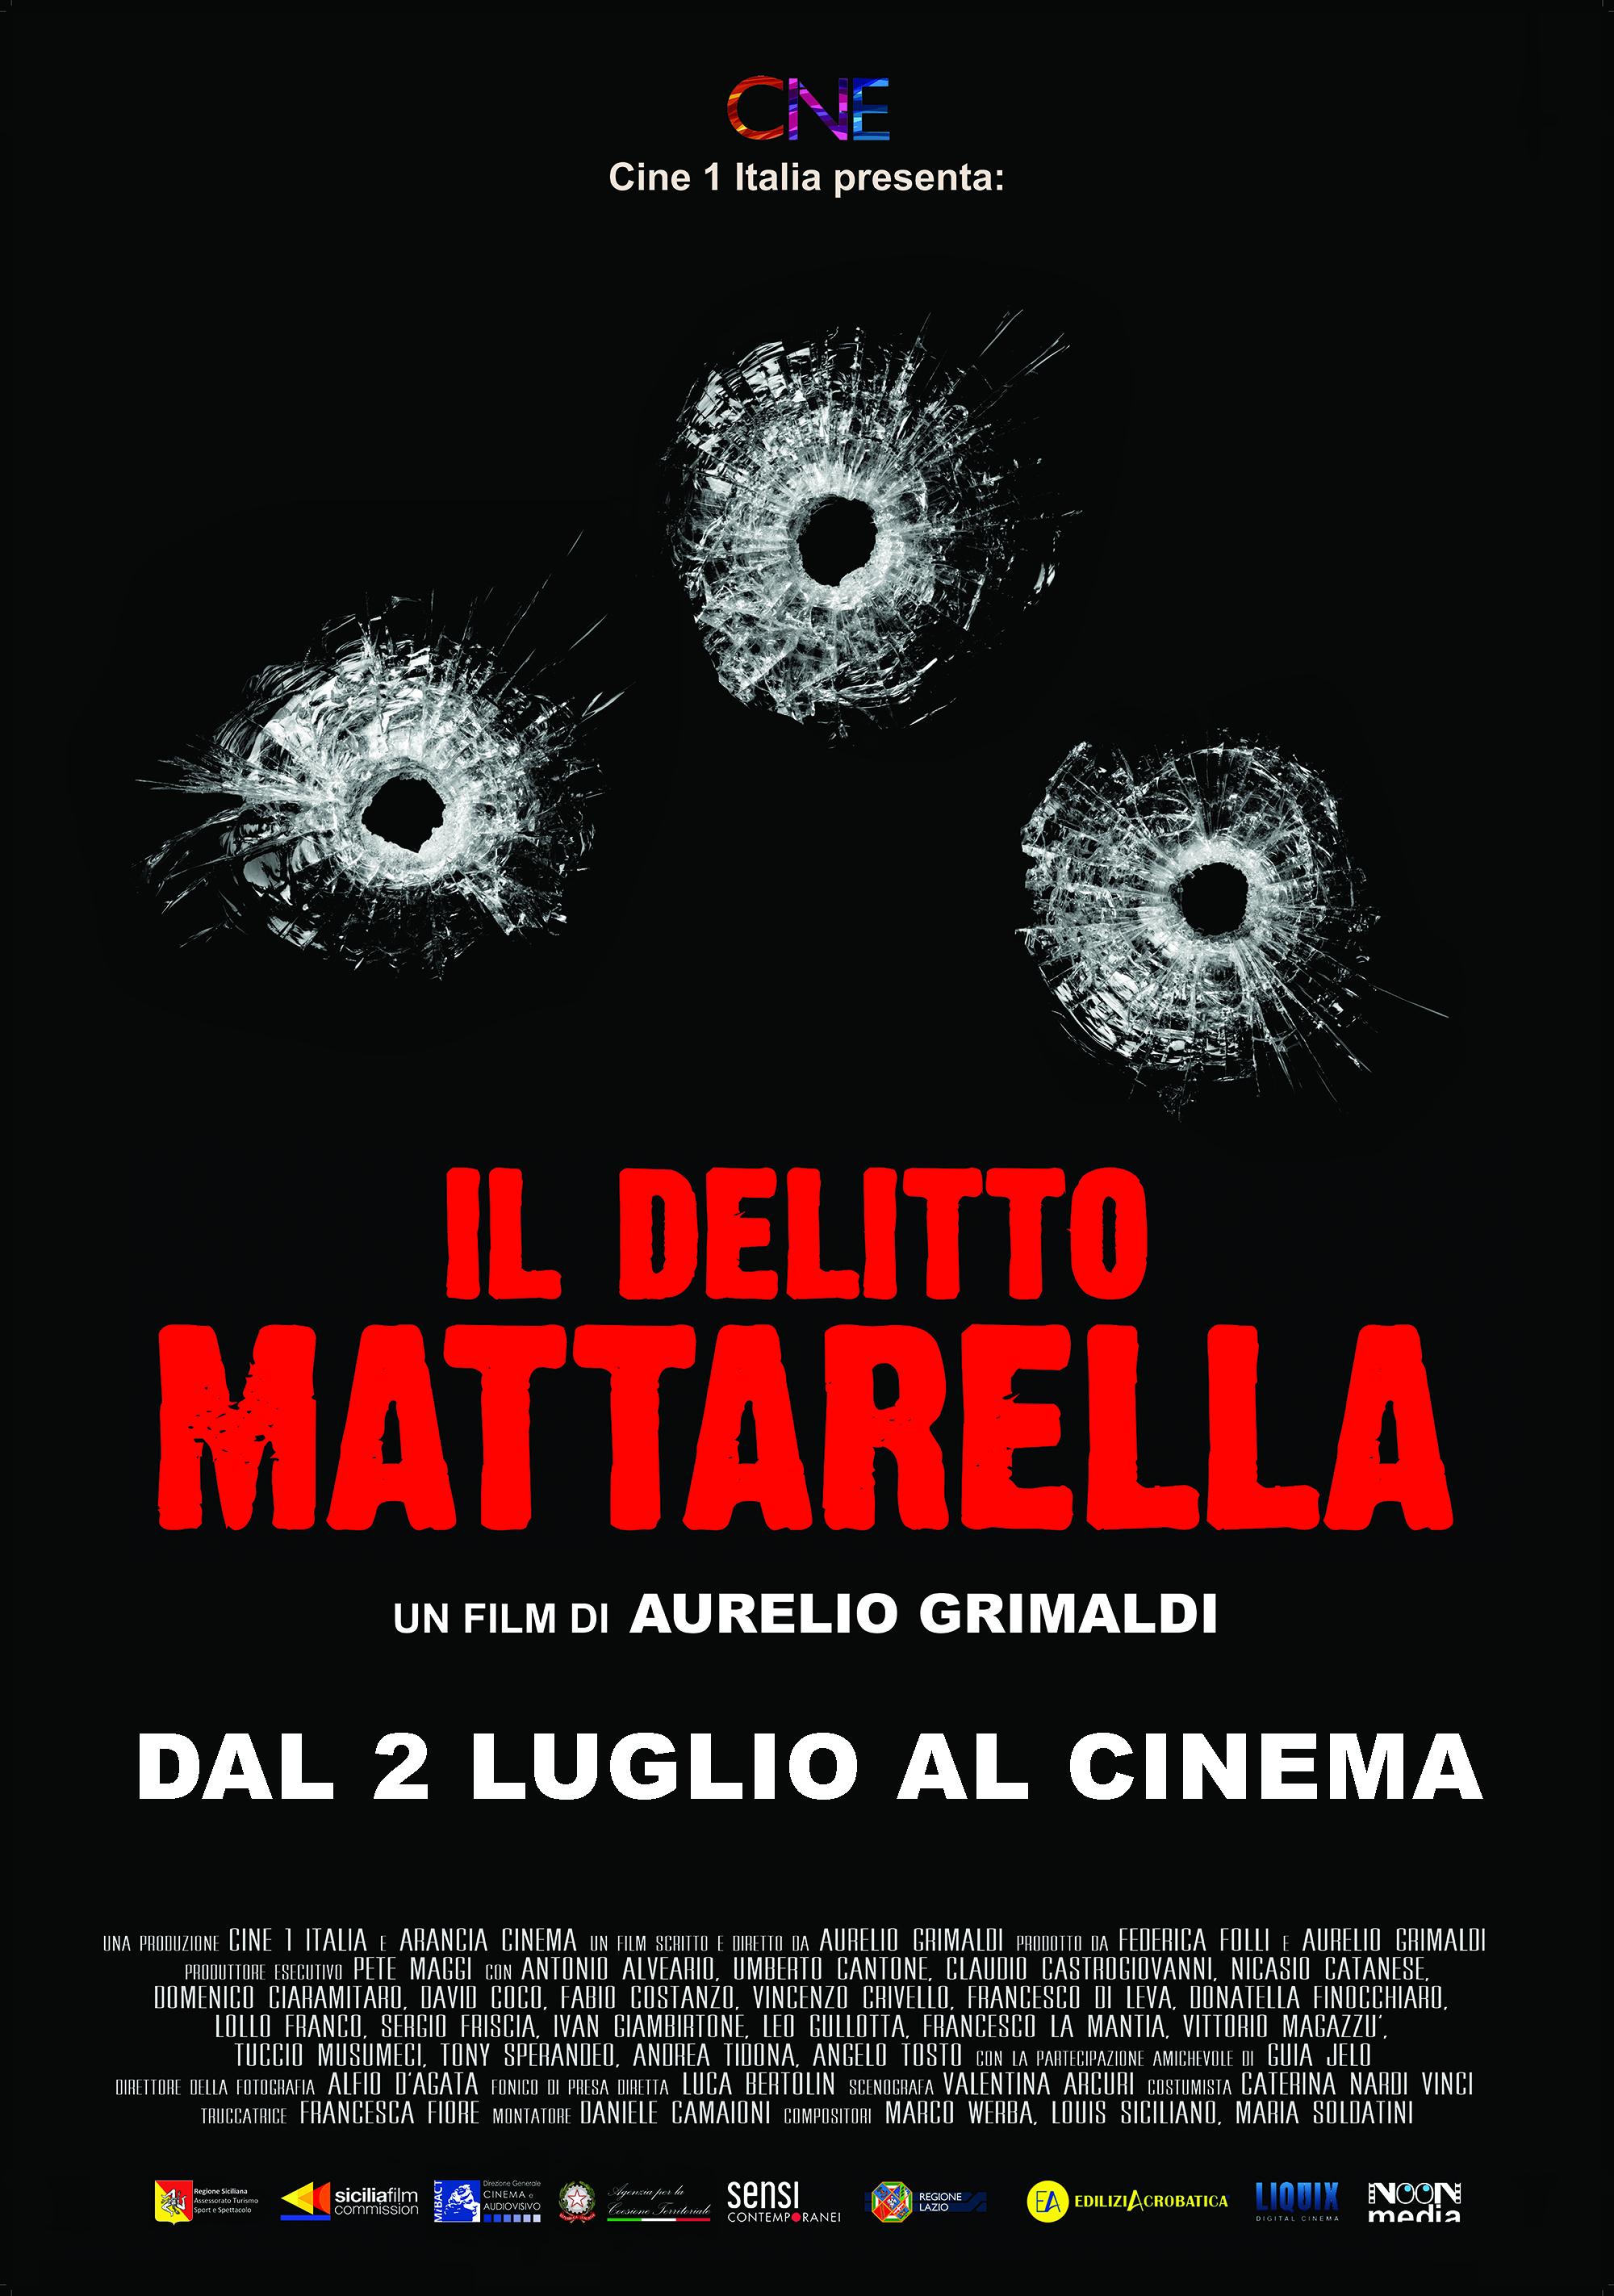 SKY CINEMA DUE - IL DELITTO MATTARELLA IN PRIMA VISIONE IL 6 GENNAIO e ON DEMAND